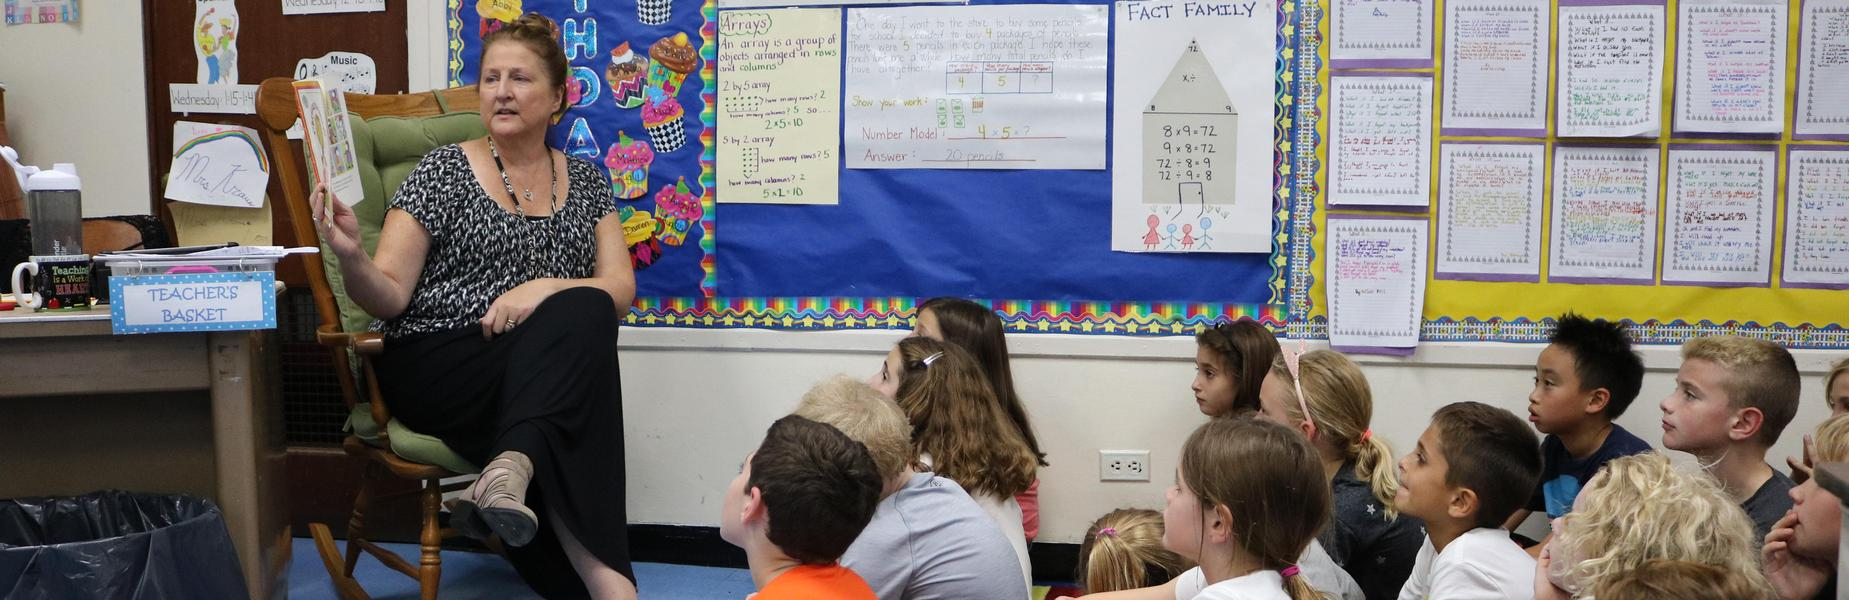 Wilson 3rd graders listen to teacher Lynn Kraus as she reads